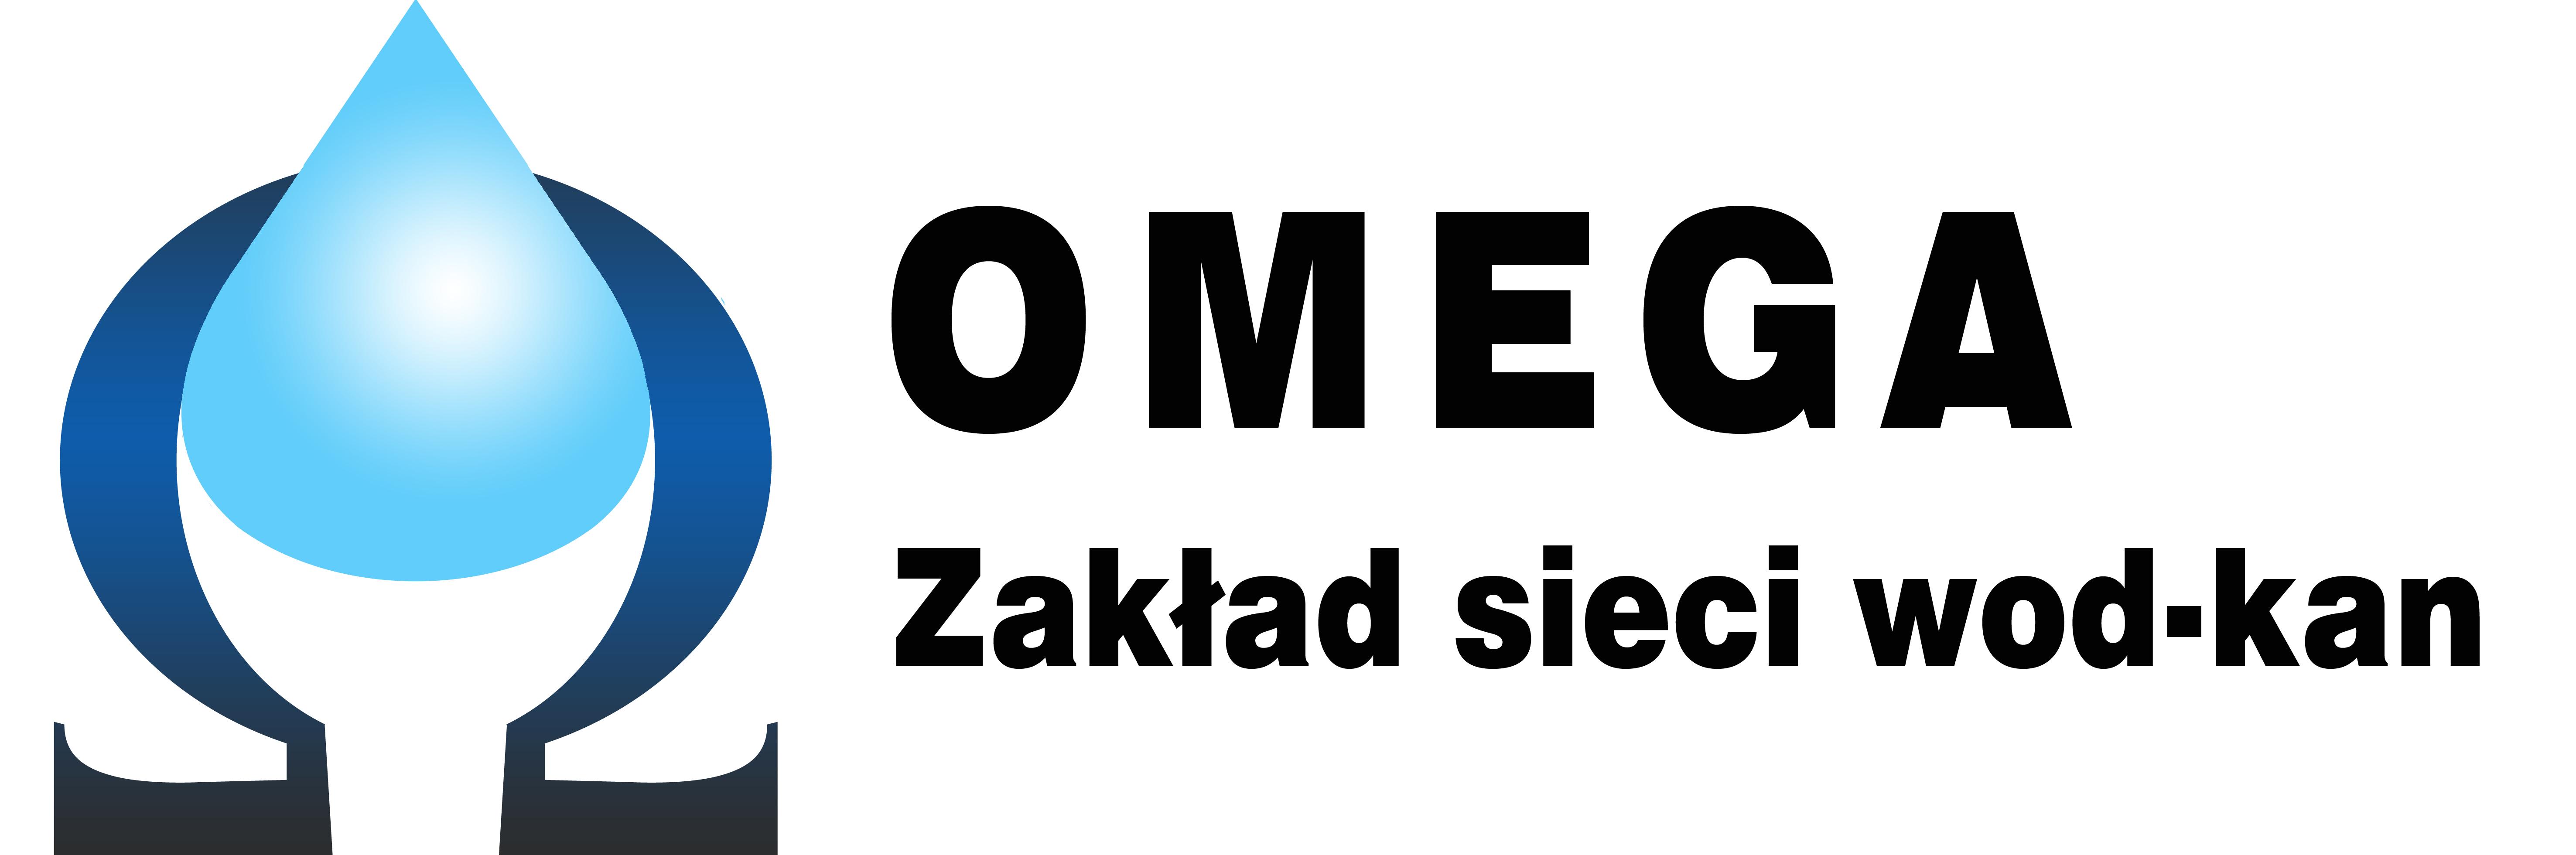 Omega – zakład sieci wod-kan Jarosław Irzyk